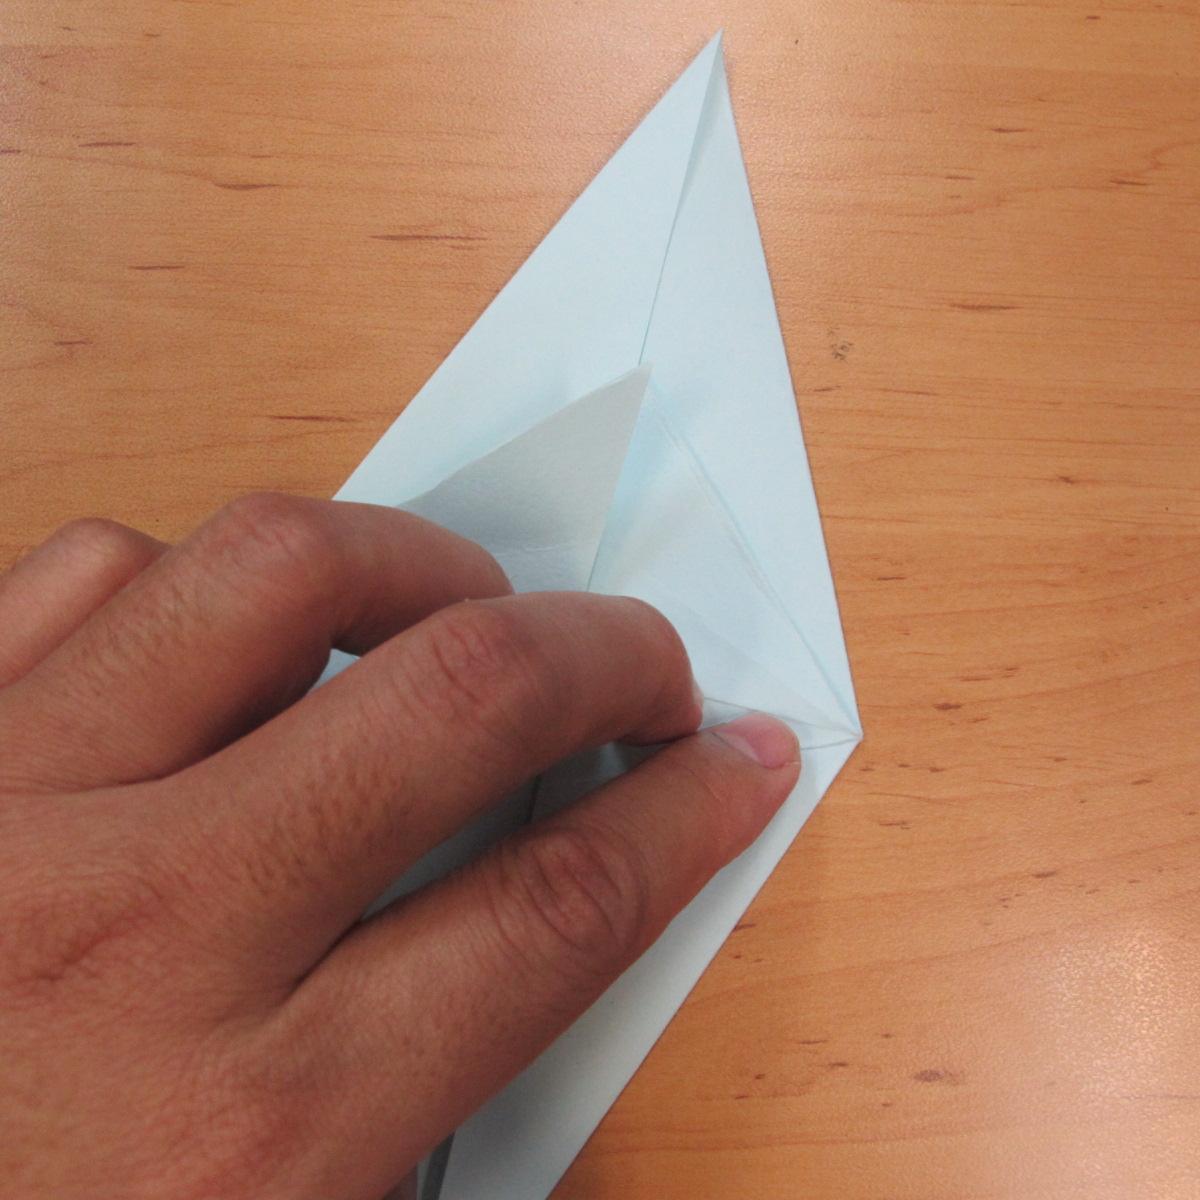 วิธีพับกระดาษเป็นรูปผีน้อย 007